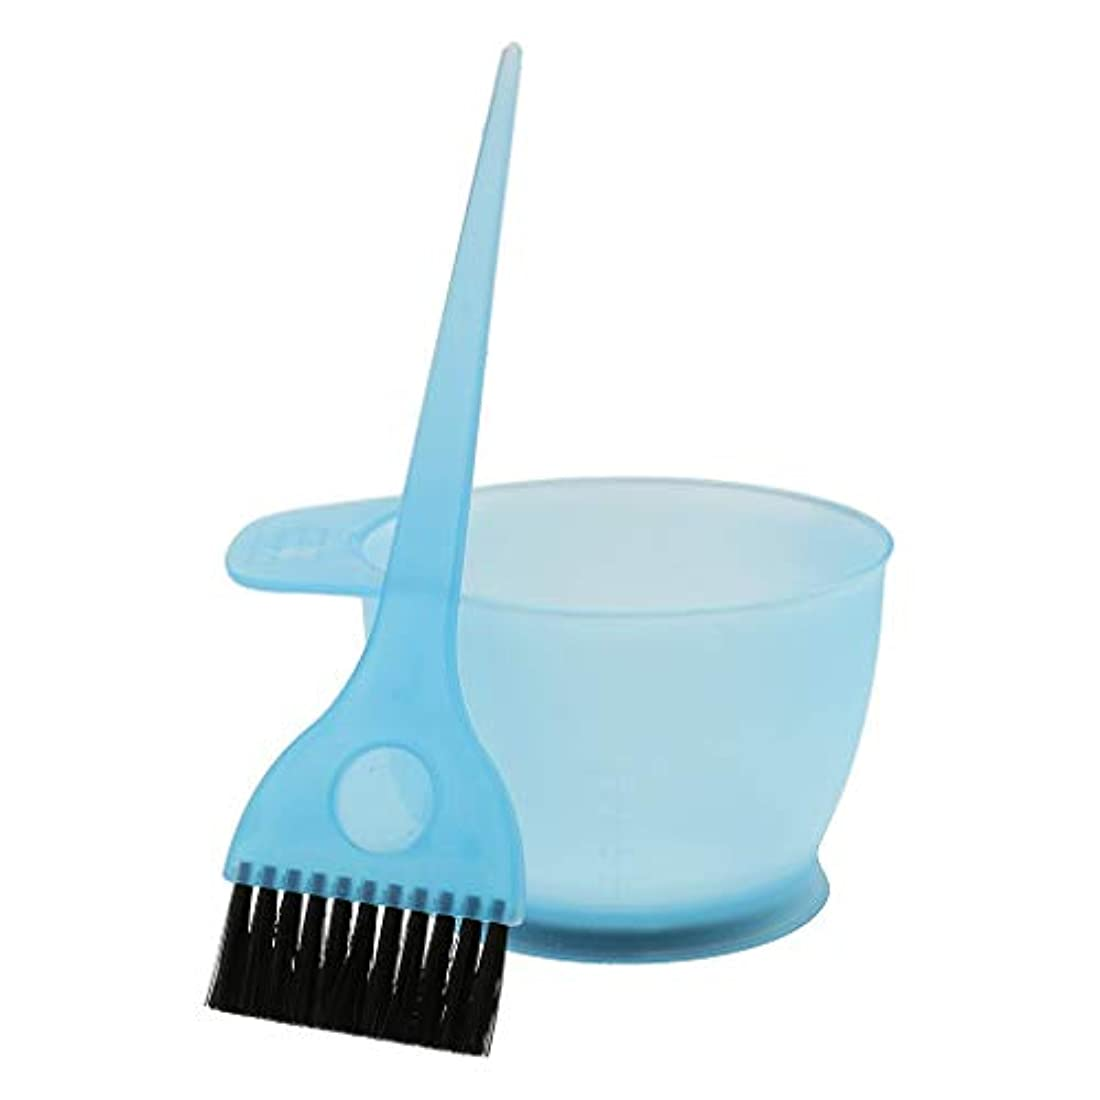 導入するプレゼン努力する髪の色合い染料着色ツールのためのサロン髪色染料ボウル櫛ブラシセットスーツ (ブルー)